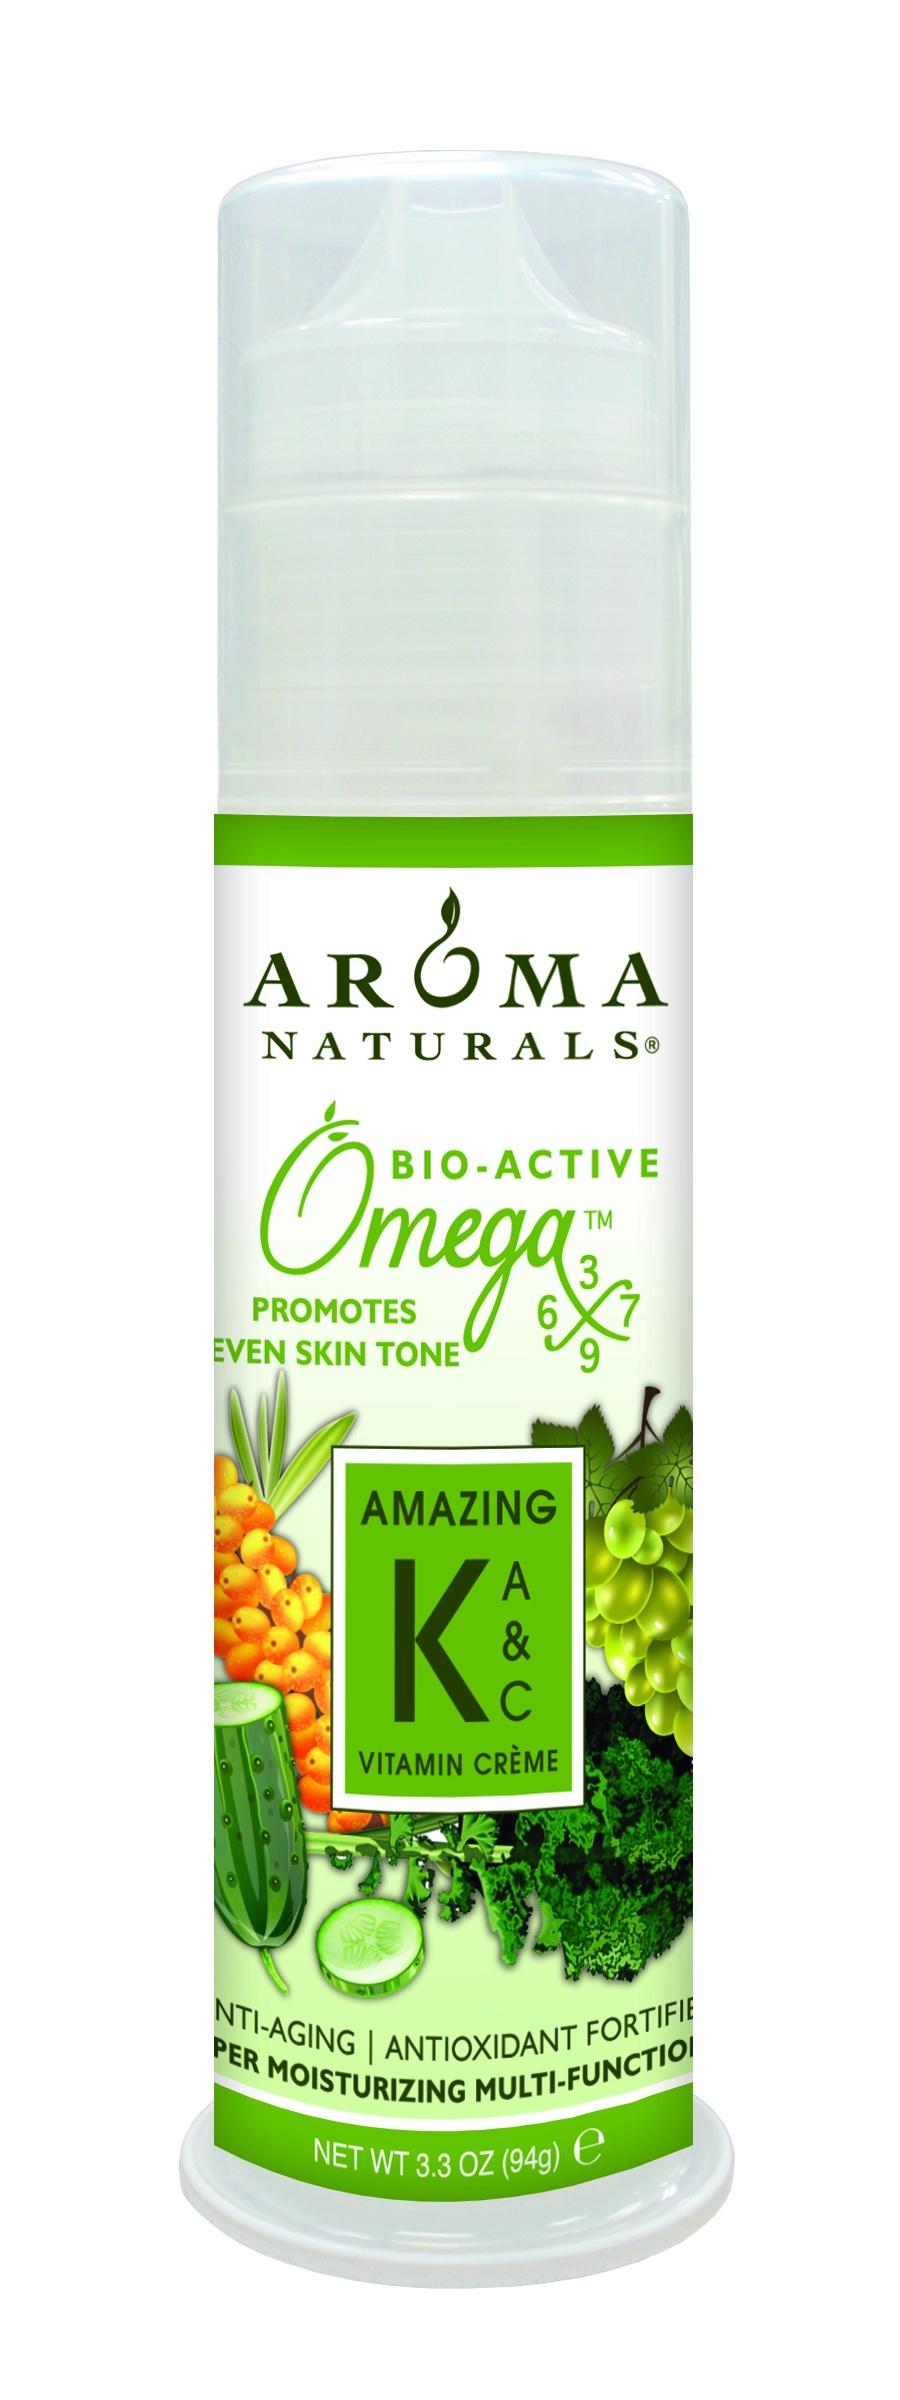 Aroma NaturalsКрем с витамином К , 94 г Aroma Naturals